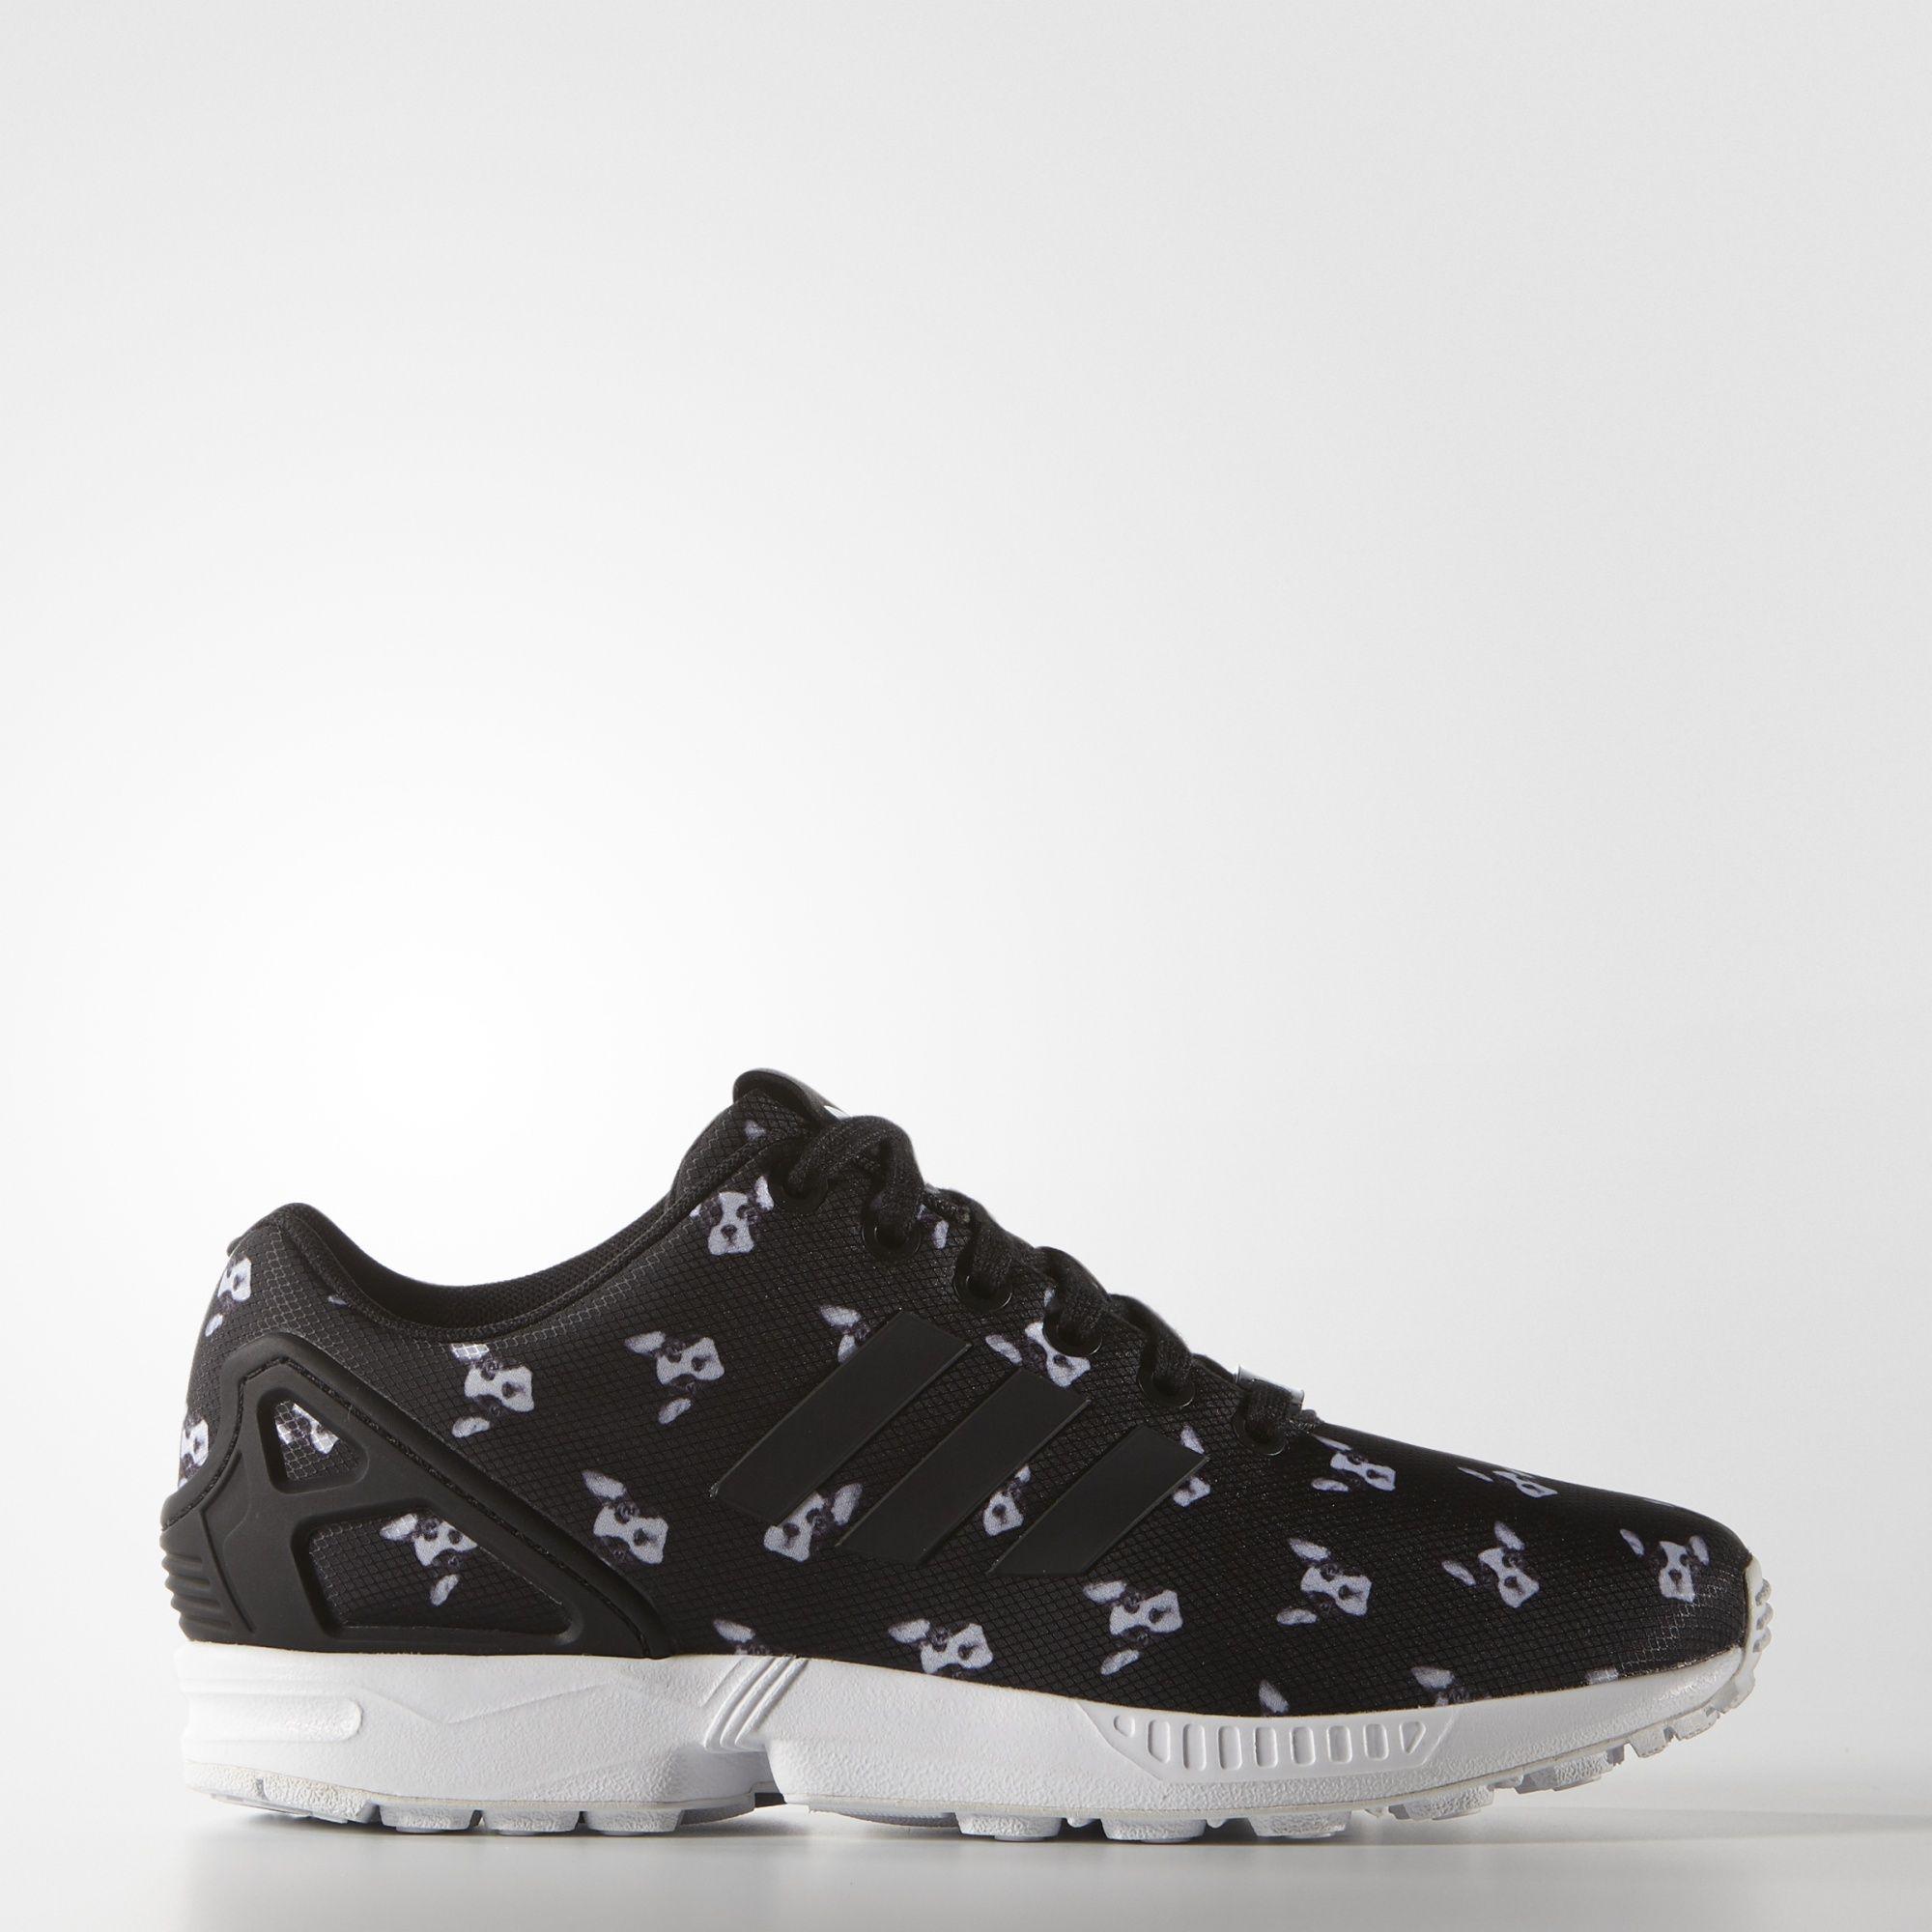 adidas zx flux w calzado bulldog